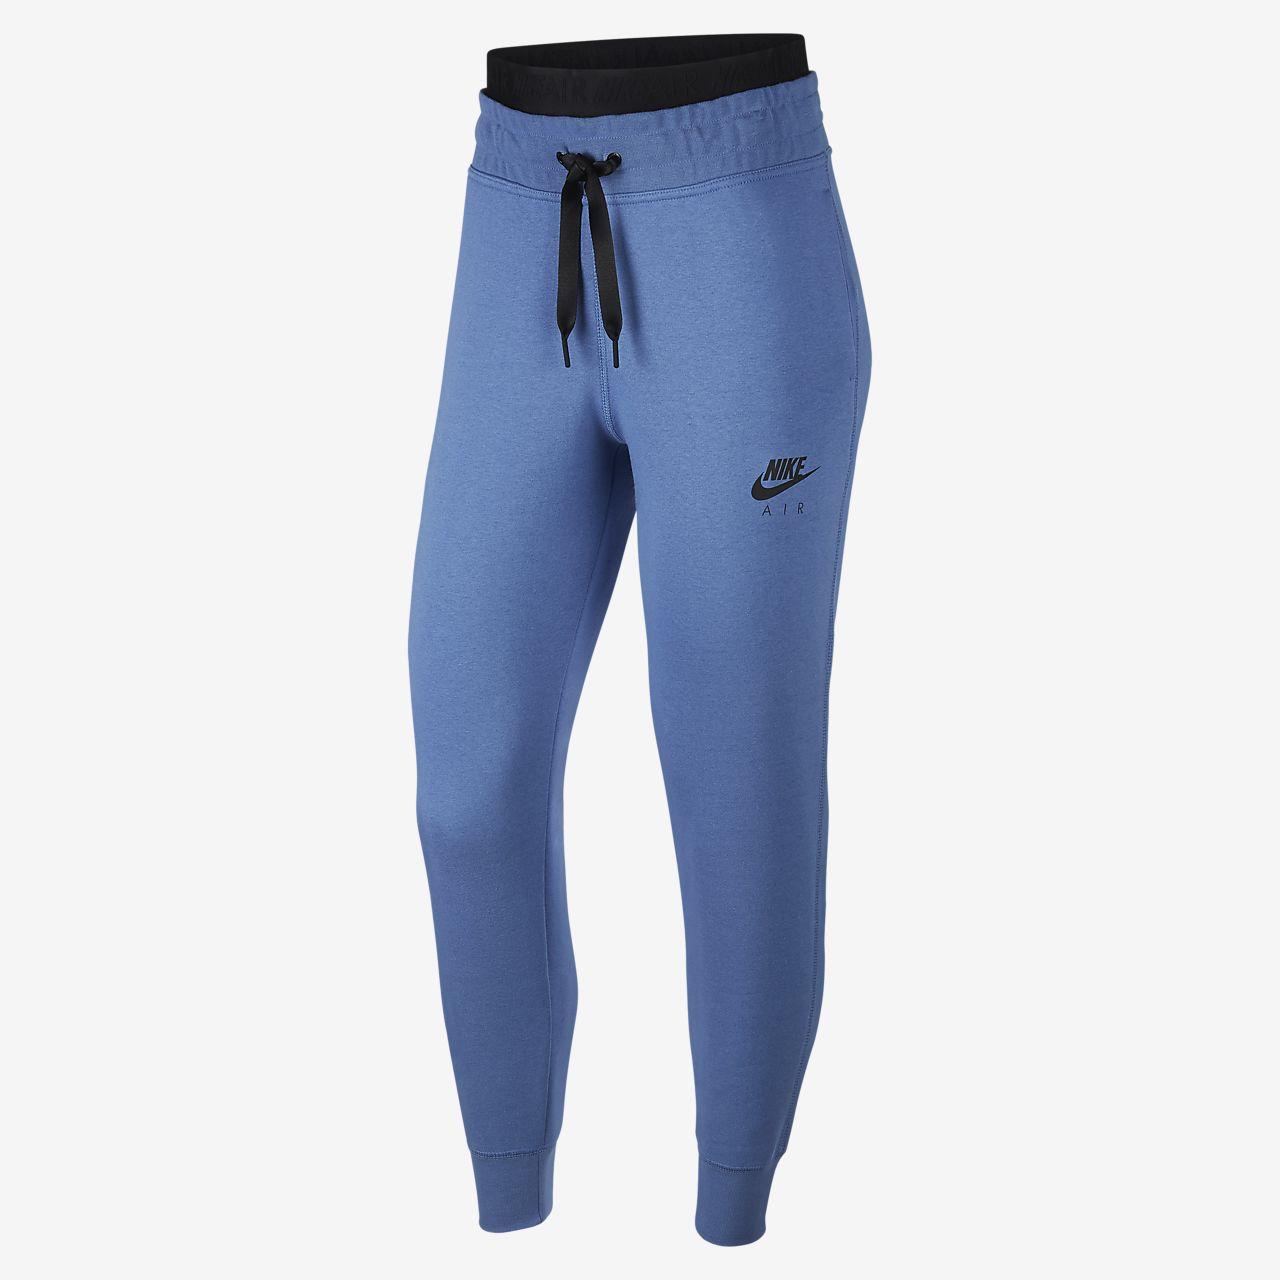 Nike Air Damenhose